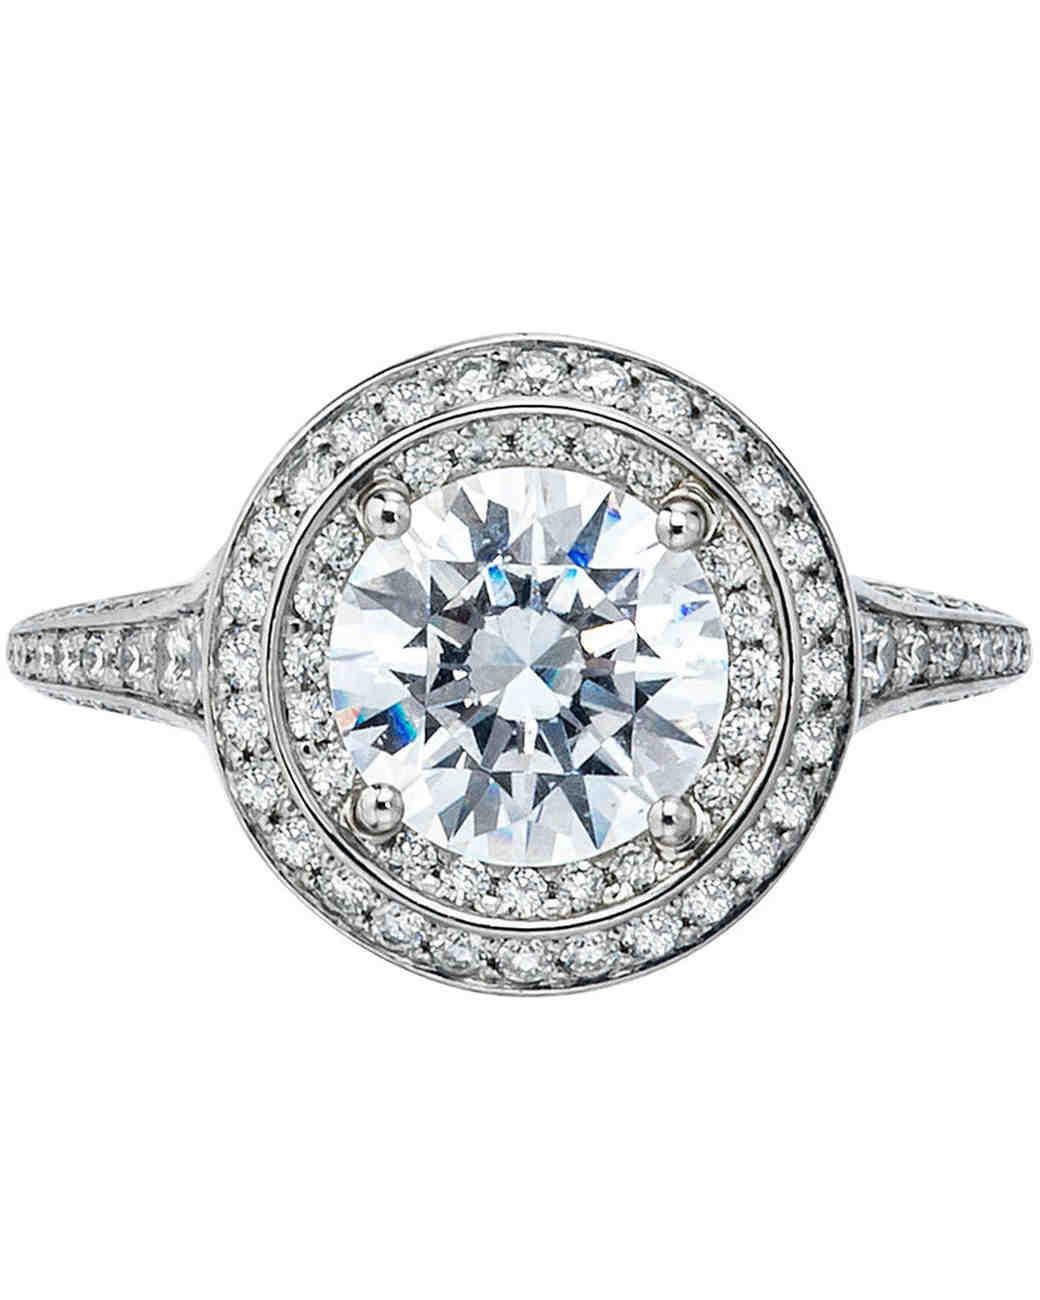 celebrity-rings-mark-patterson-natalie-portman-0316.jpg